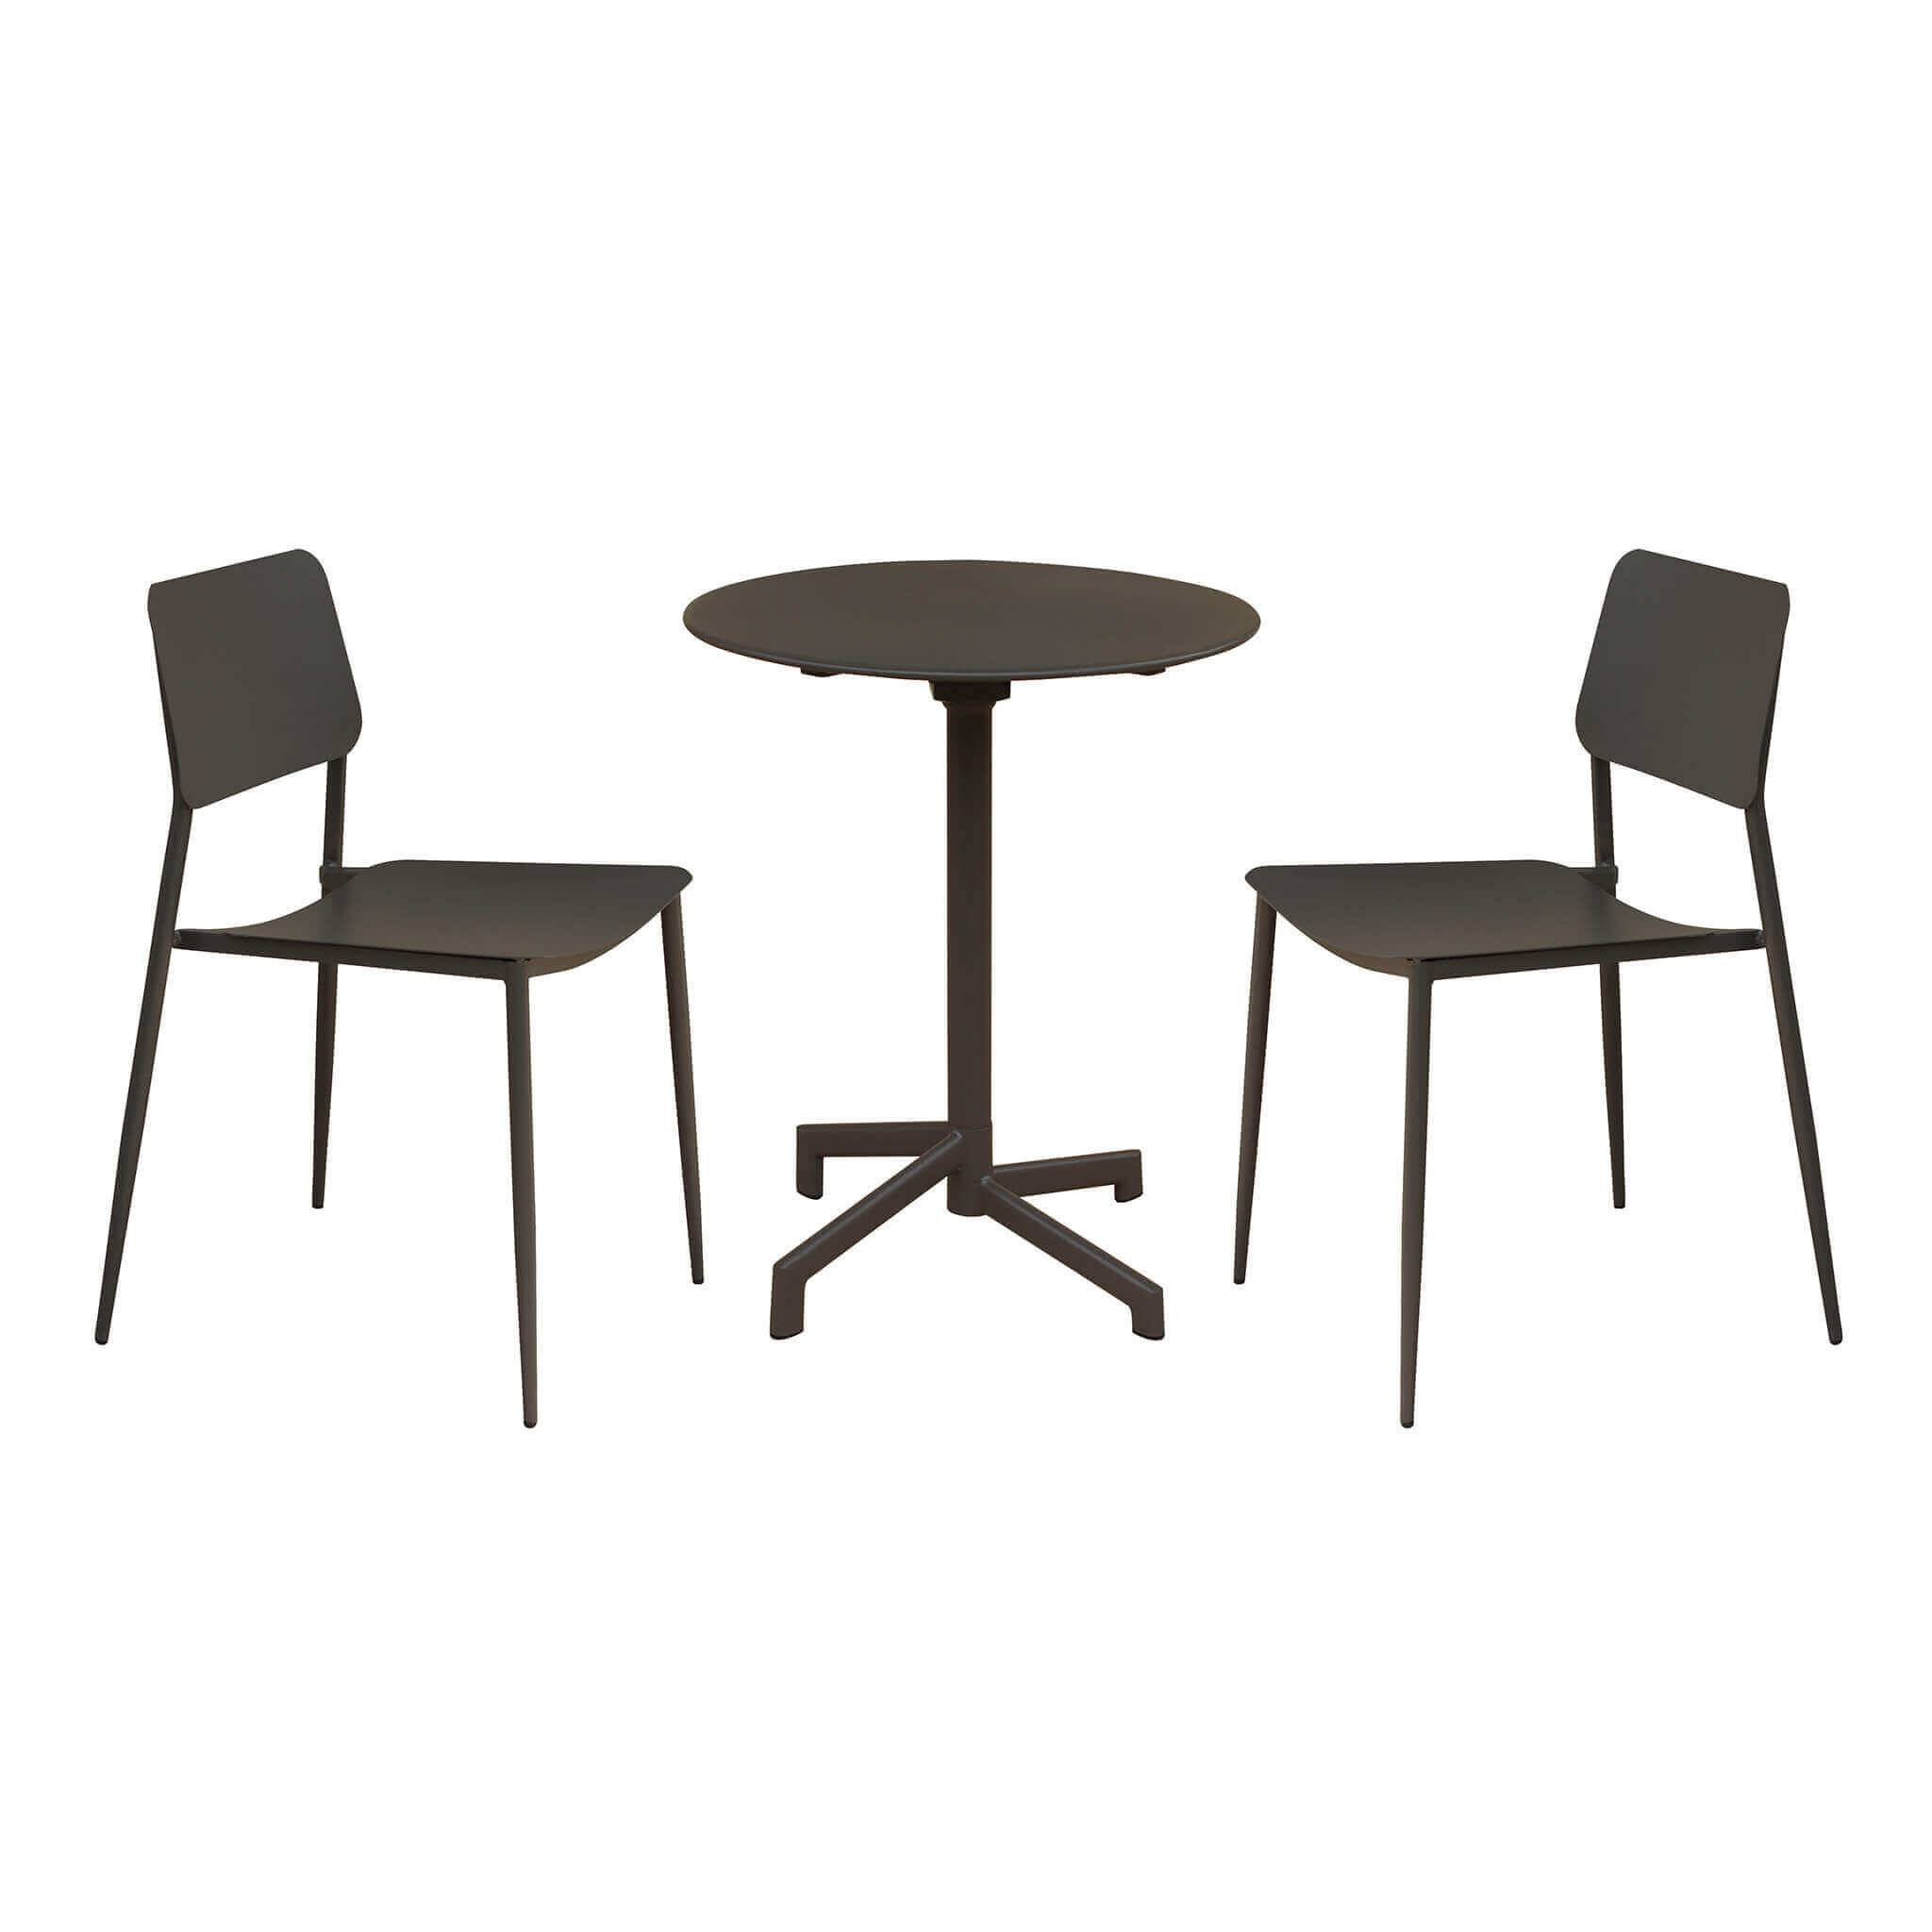 Milani Home OPERA - set tavolo in metallo 7,2 con 2 sedute